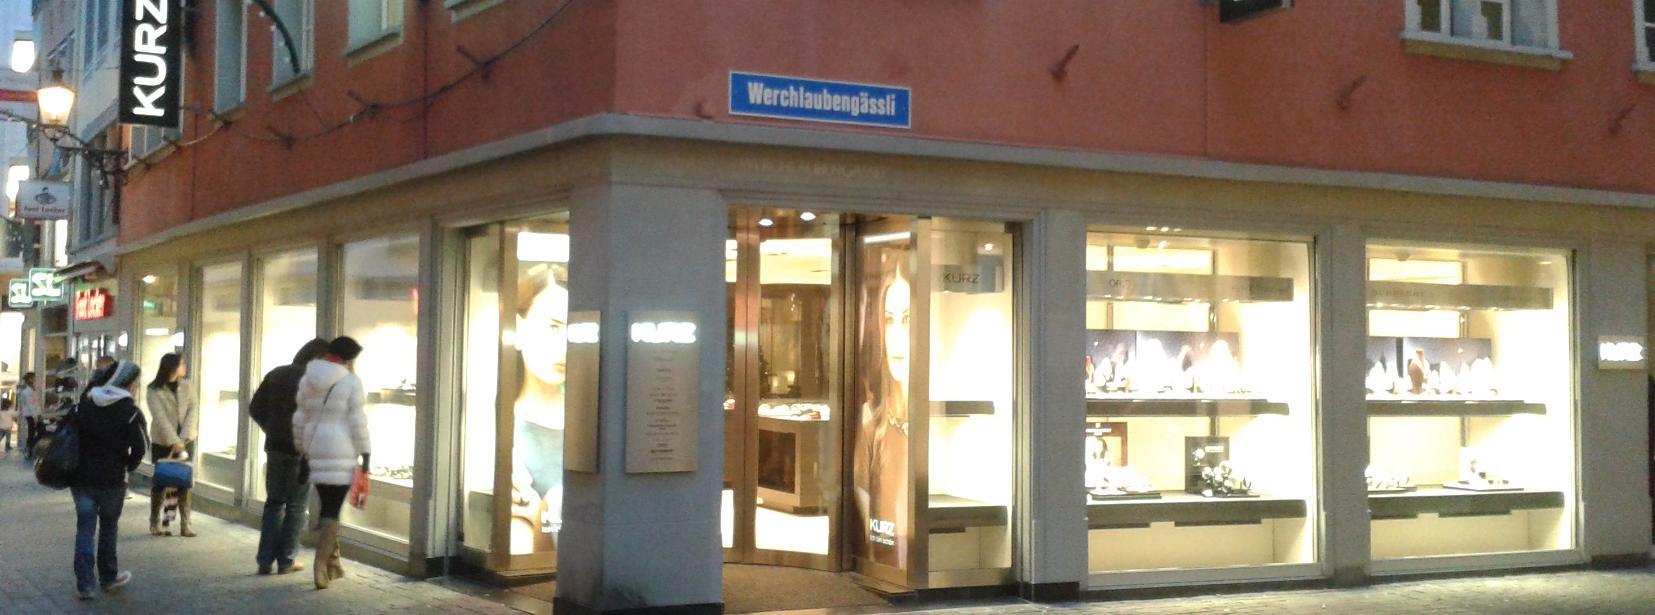 Kurz Juwelier Lucerne Mycityhighlight